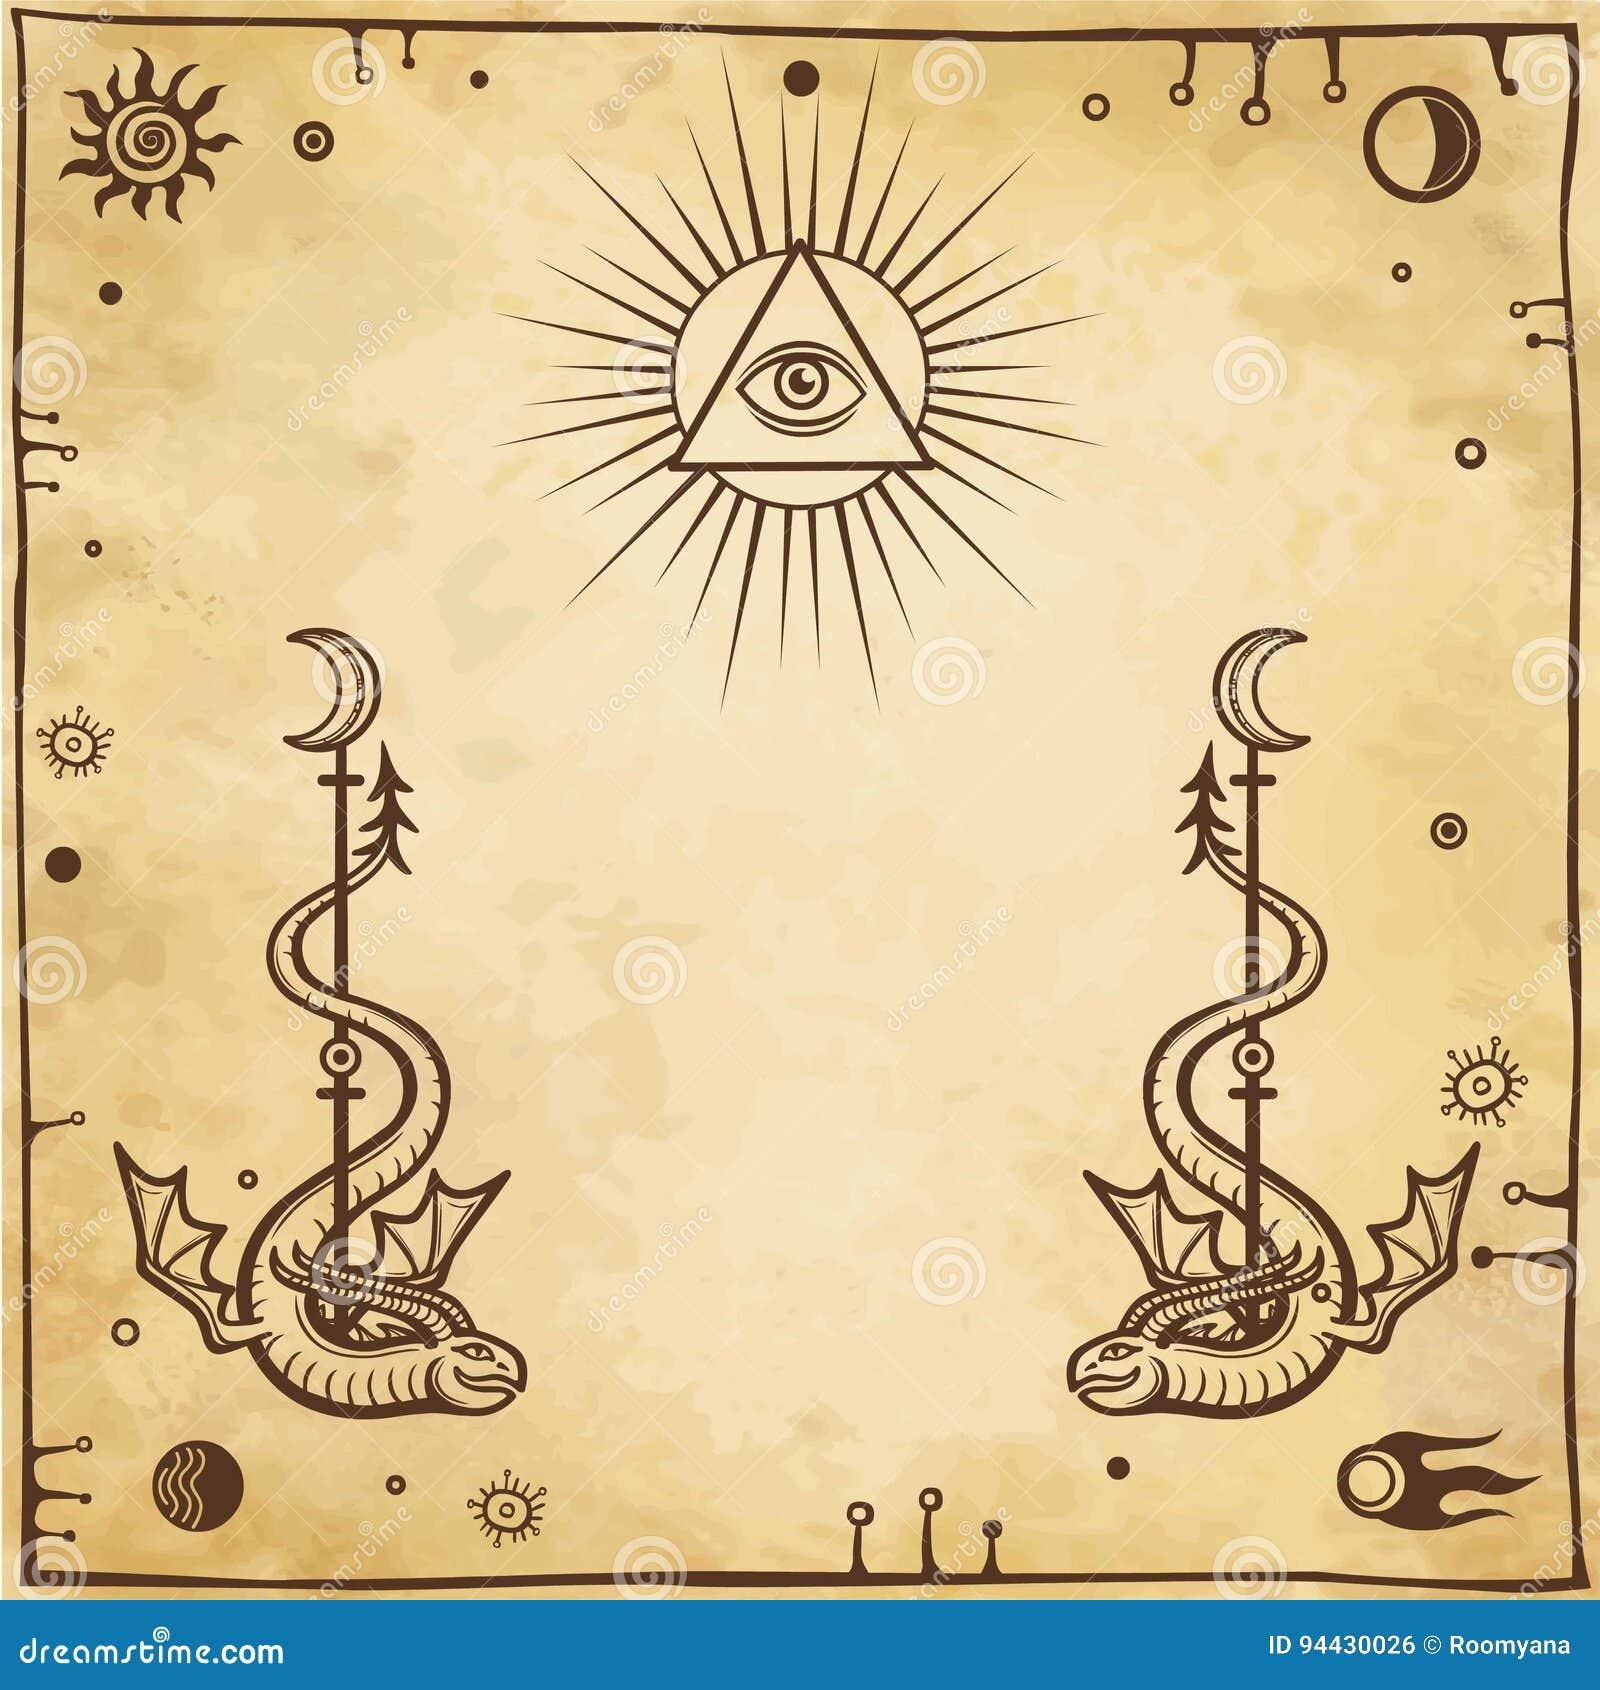 Alchemical Zeichnung: geflügelte Schlangen, Auge gesamt-sehend